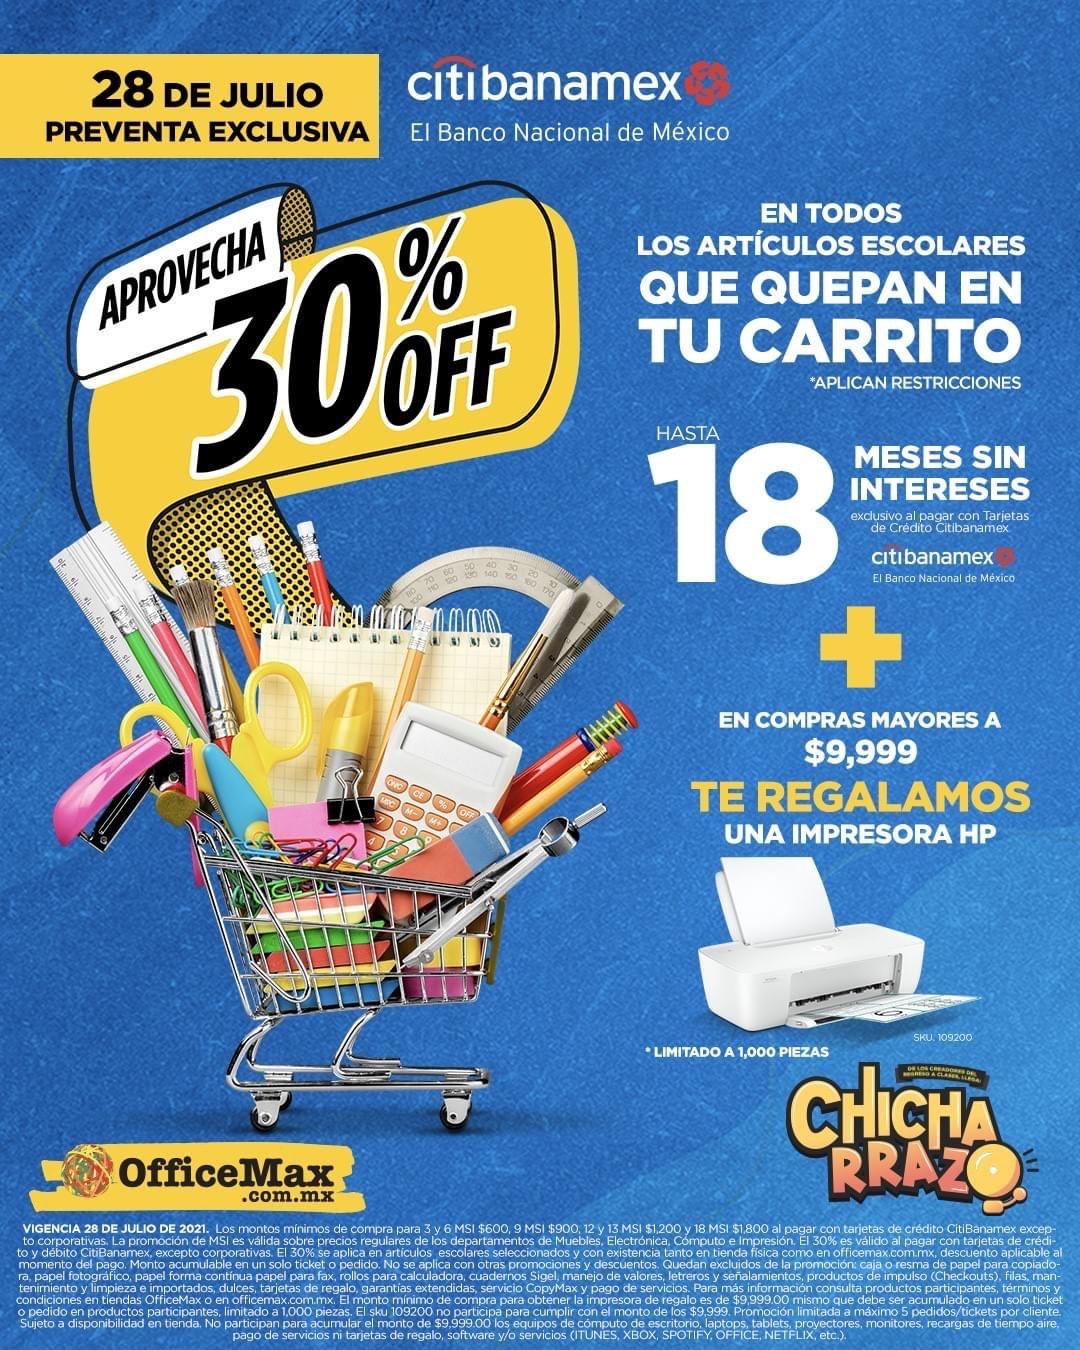 Office Max: -30% en todos los artículos que quepan en tu carrito.*